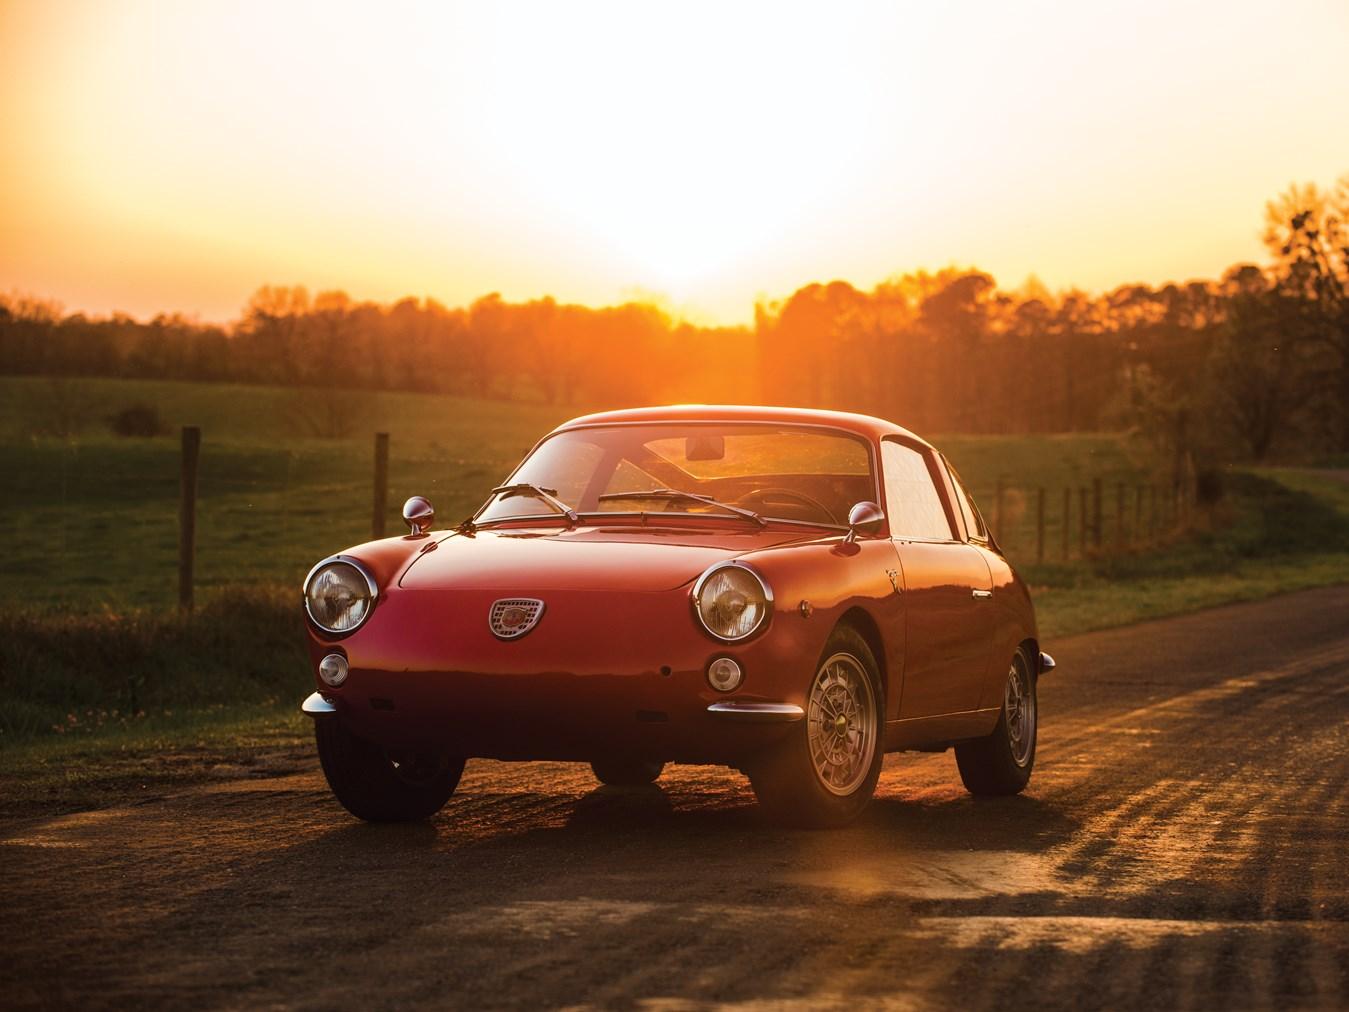 1962 Fiat-Abarth Monomille Scorpione coupe